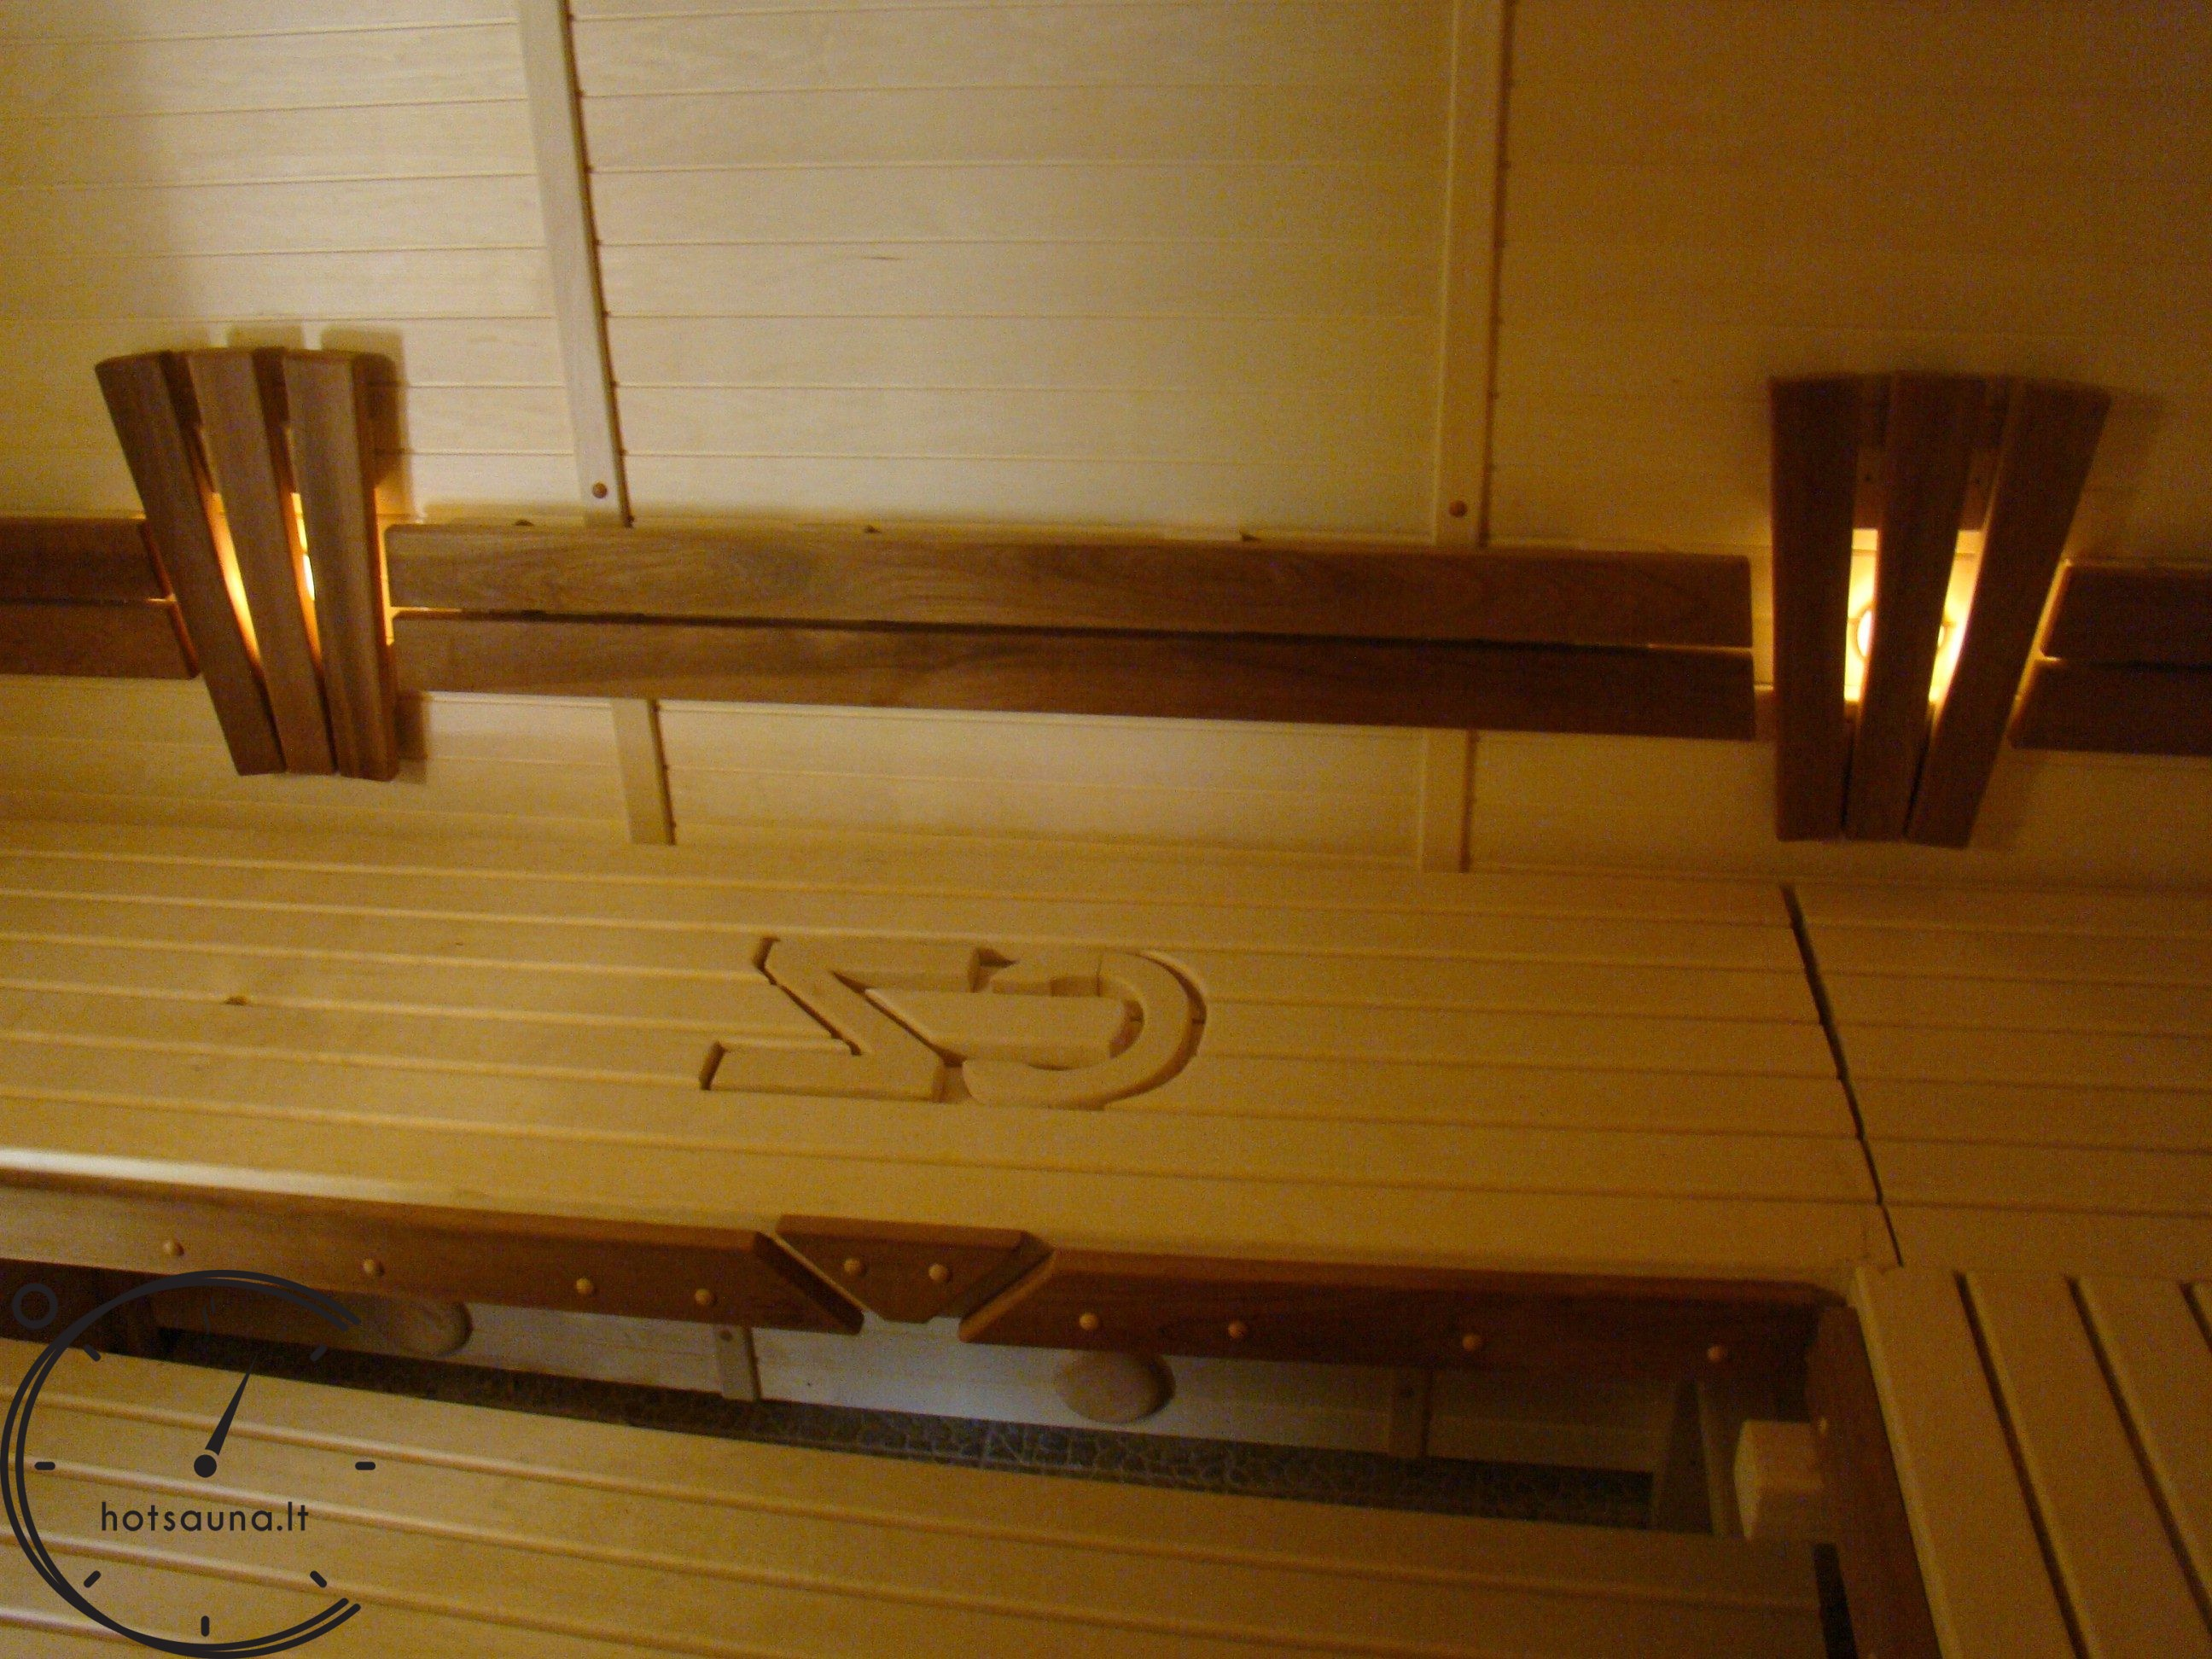 sauna build Log Homes Plane Bauherren Saunen Pavillons Gartenhauser Holz Landschafts Elemente Hauser rauchen Kinderspielplatzeiksteles Badern Saunen Bad-Komplex Bad dzekuzi Bader Saunen (40)